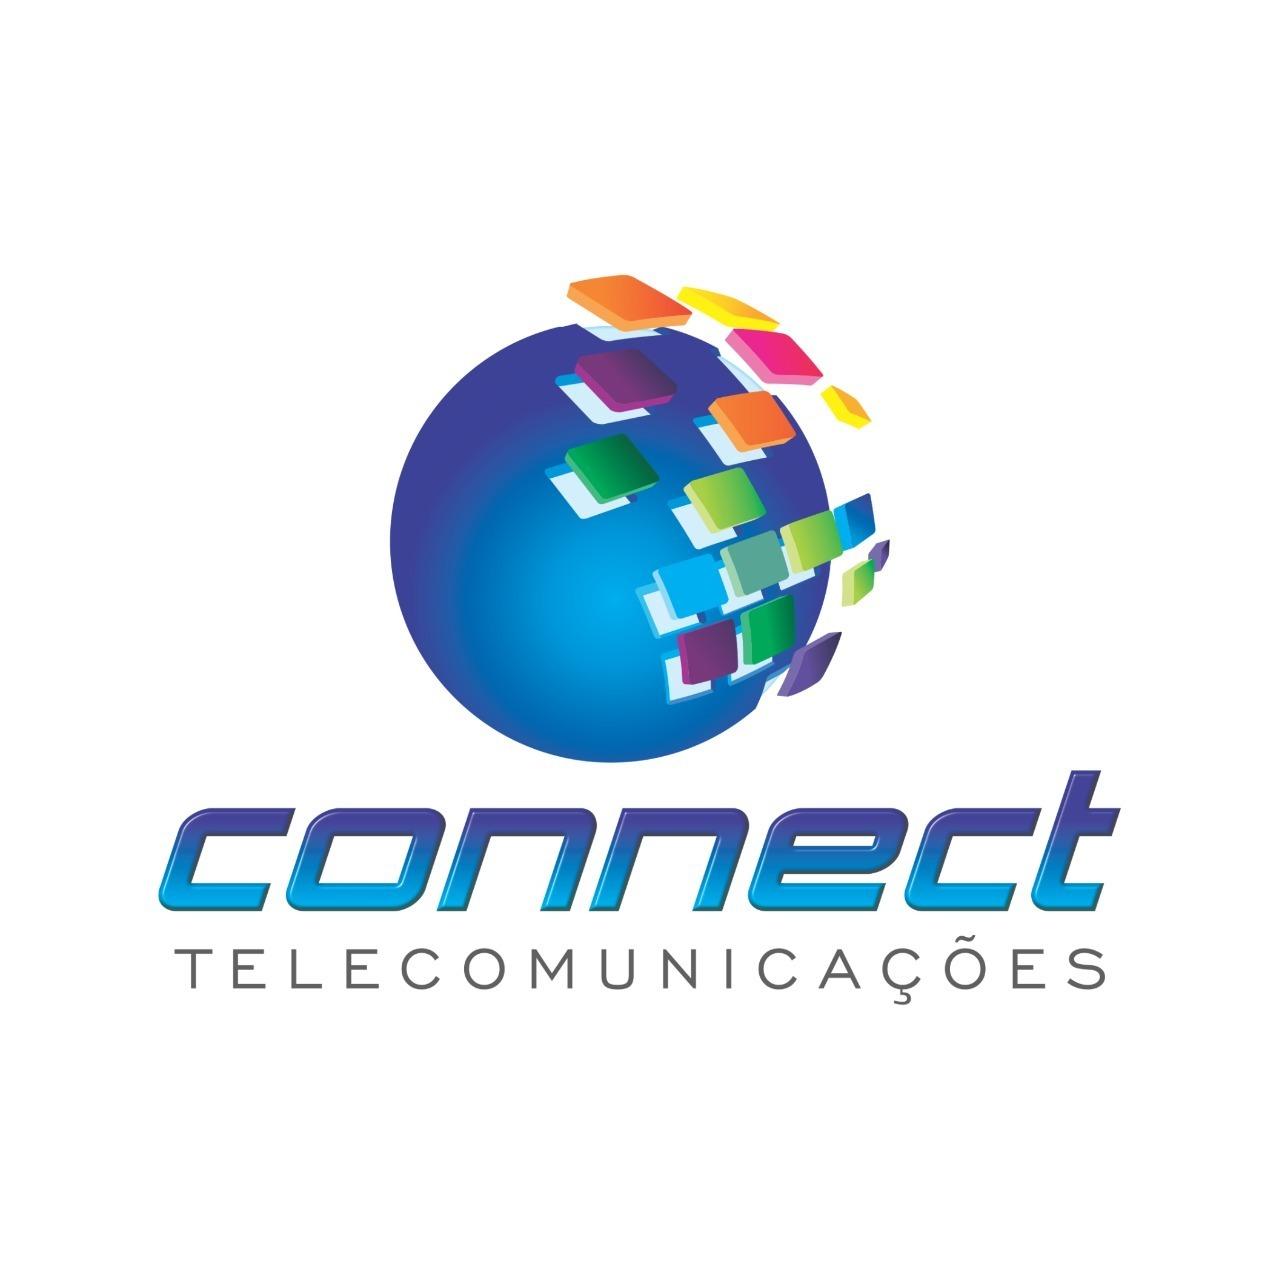 APOIO: CONNECT TELECOMUNICAÇÕES